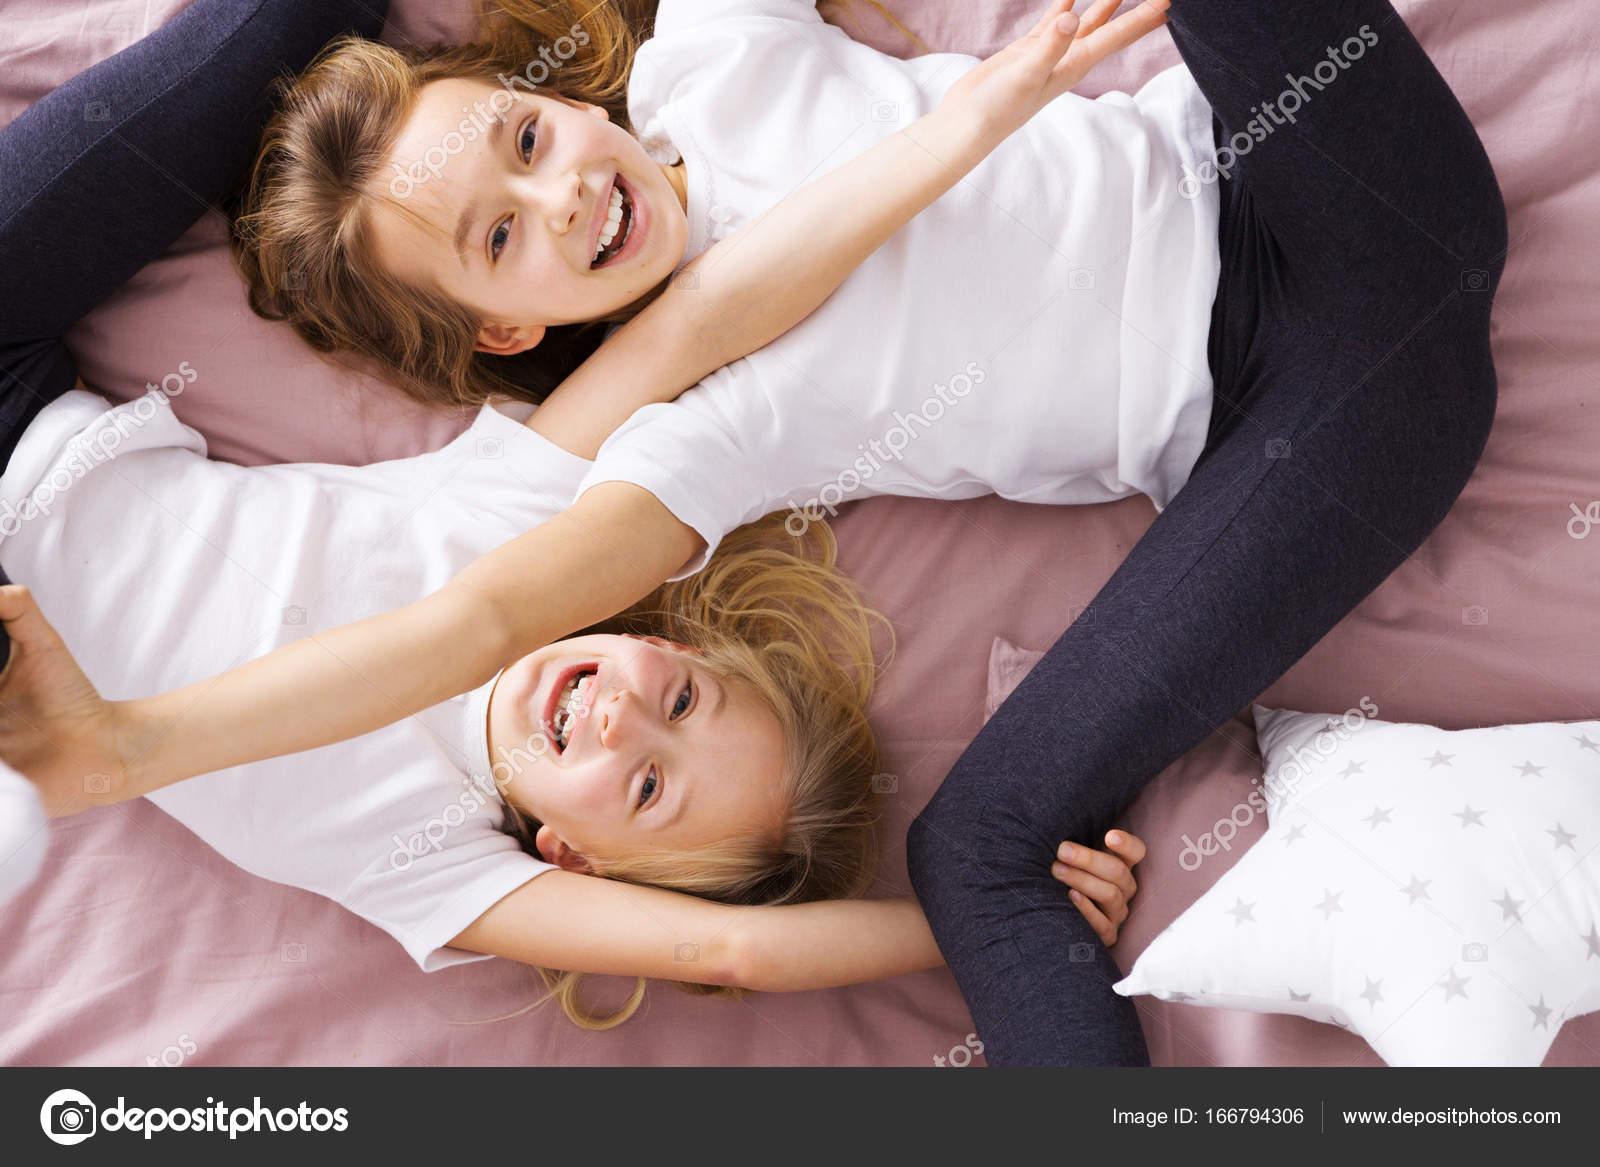 Секс брат и сестра со связыванием, Брат и сестра трахаются (занимаются сексом) Смотреть 19 фотография